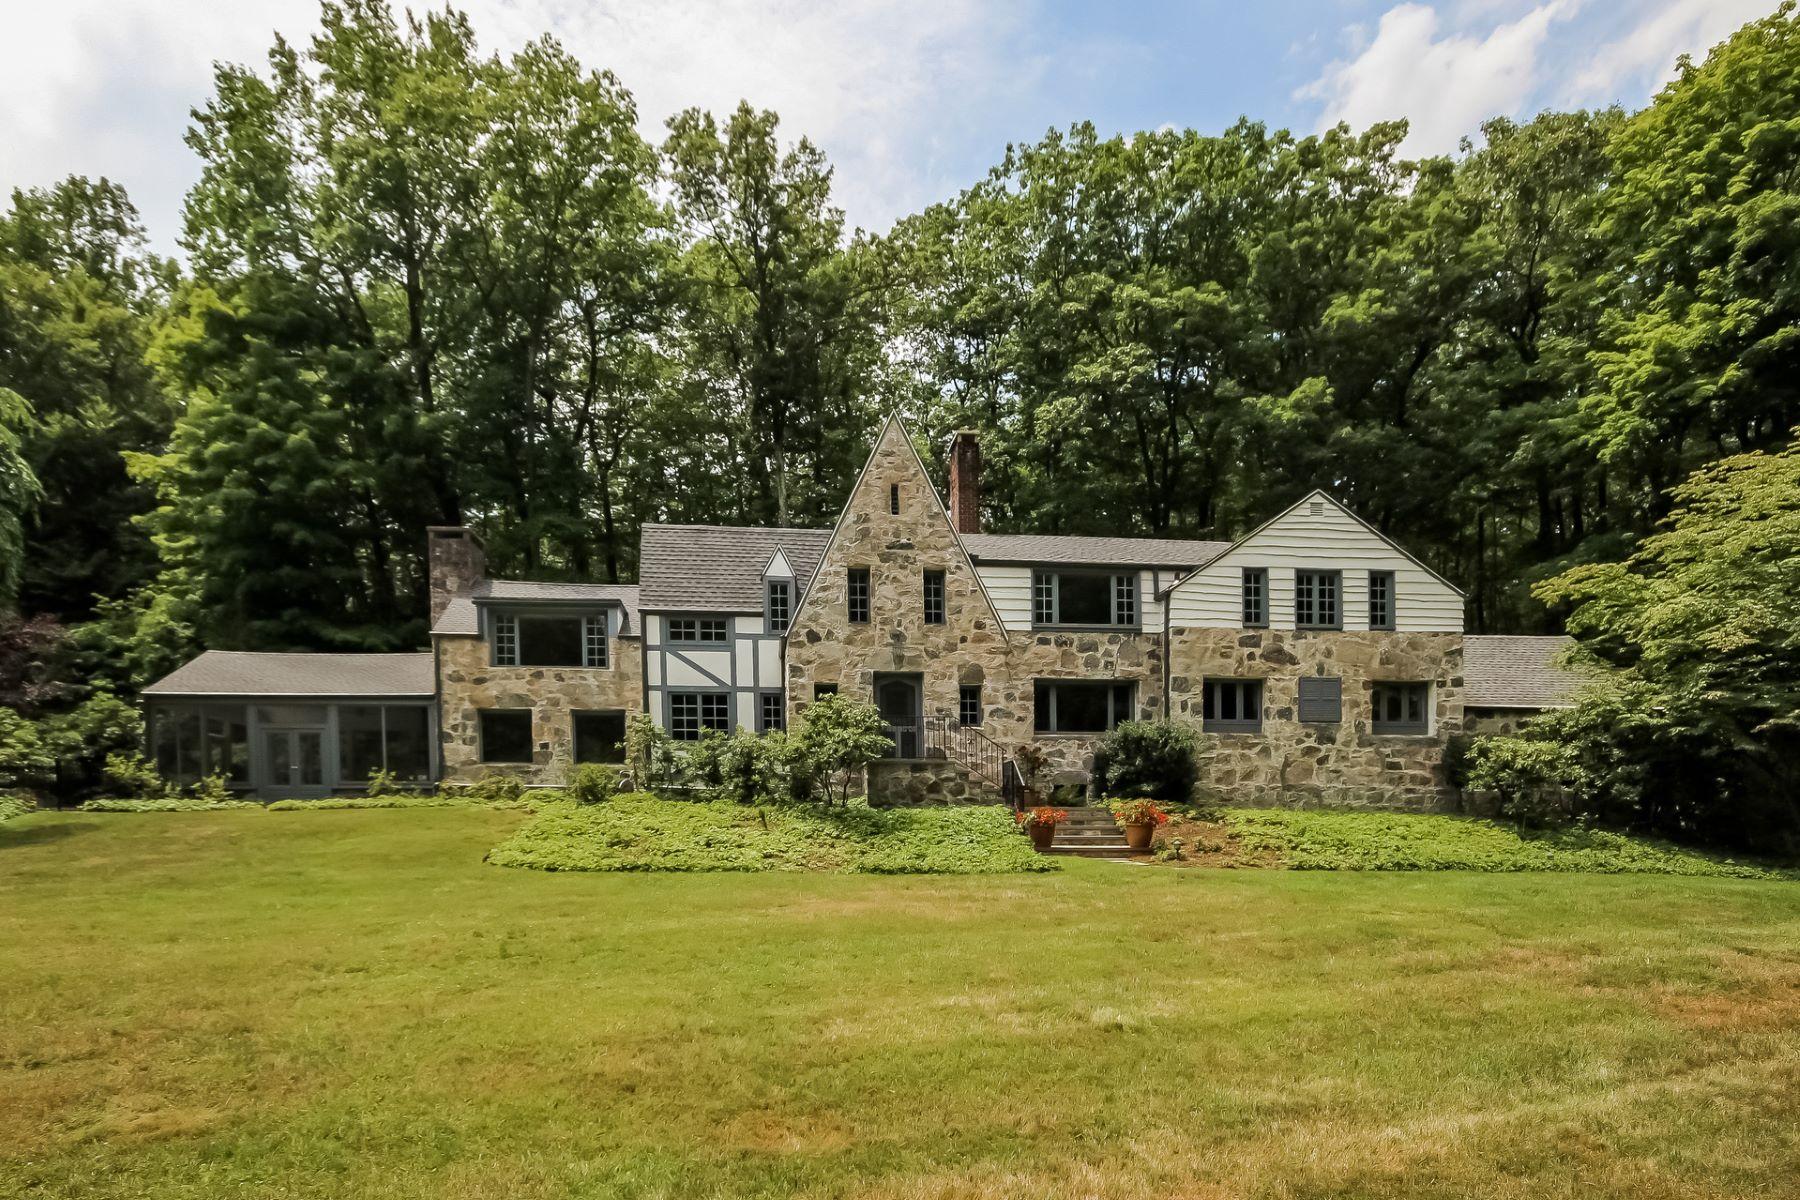 独户住宅 为 销售 在 English Stone Country Home 133 Laurel Road 斯坦福, 康涅狄格州 06903 美国